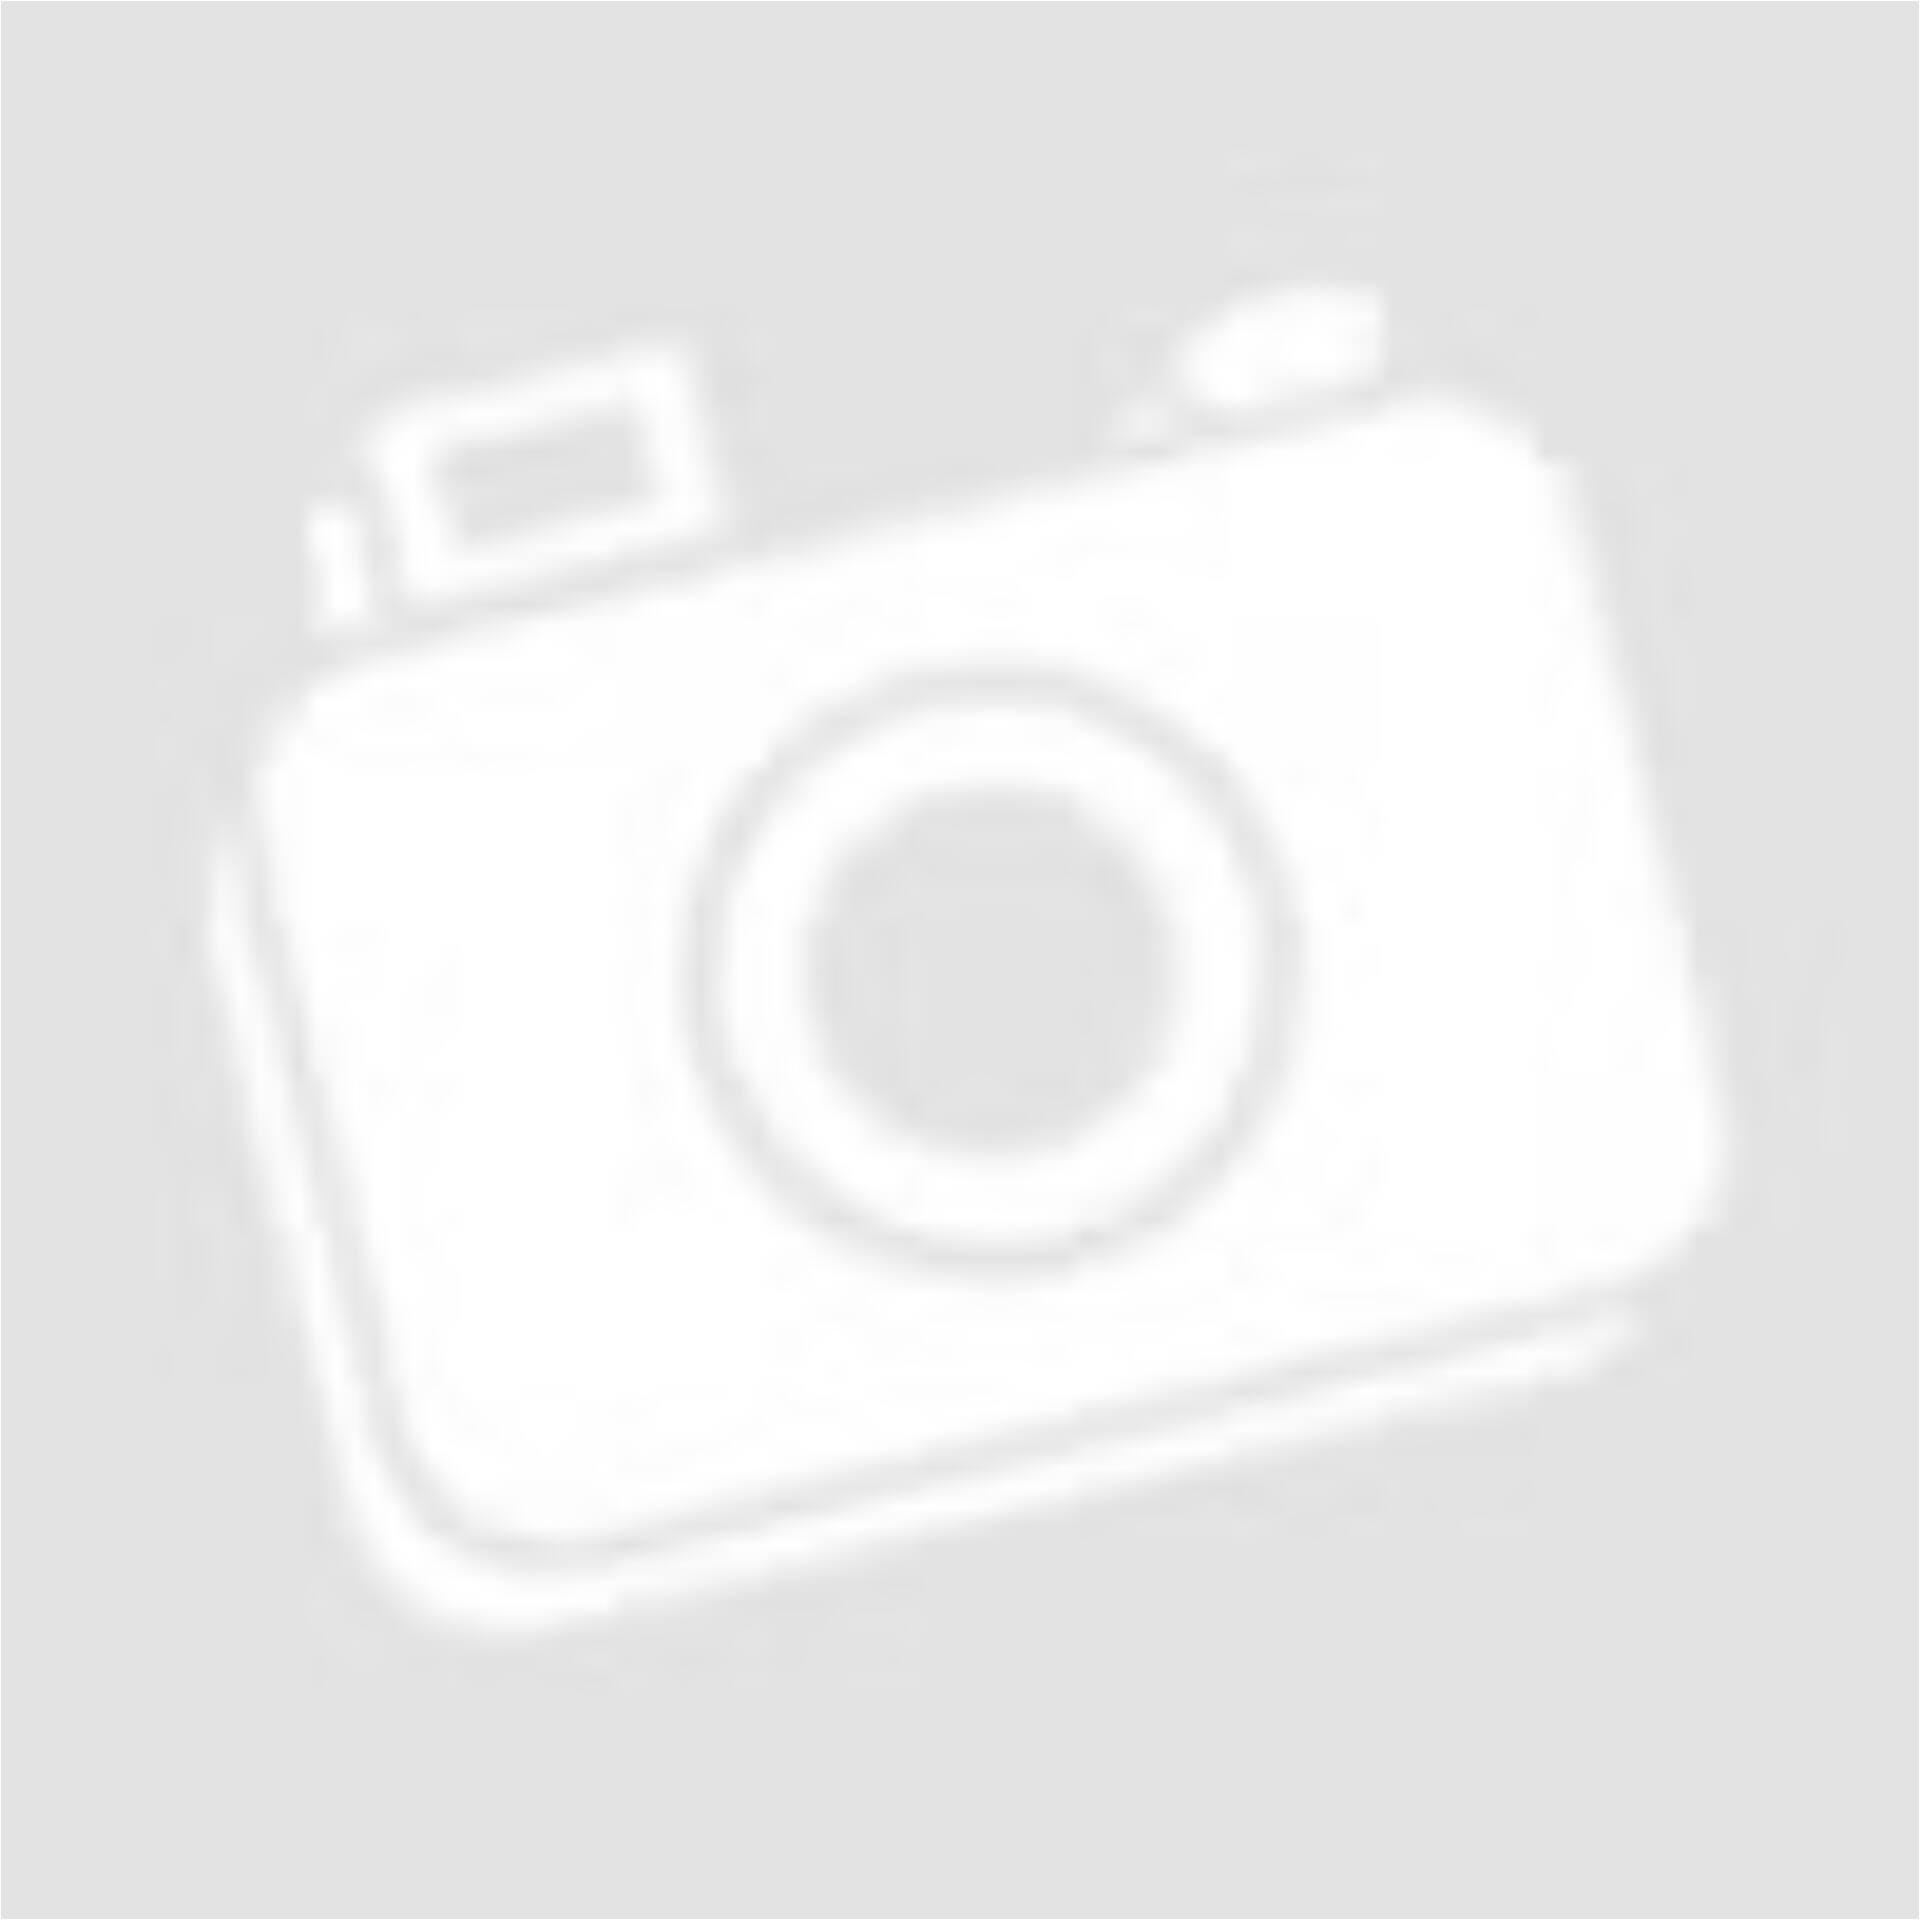 Kép 1 2 - CHASIN rózsaszínű elöl zsebbel ellátott rövid ujjú ing (Méret  L) 00bdd907e7